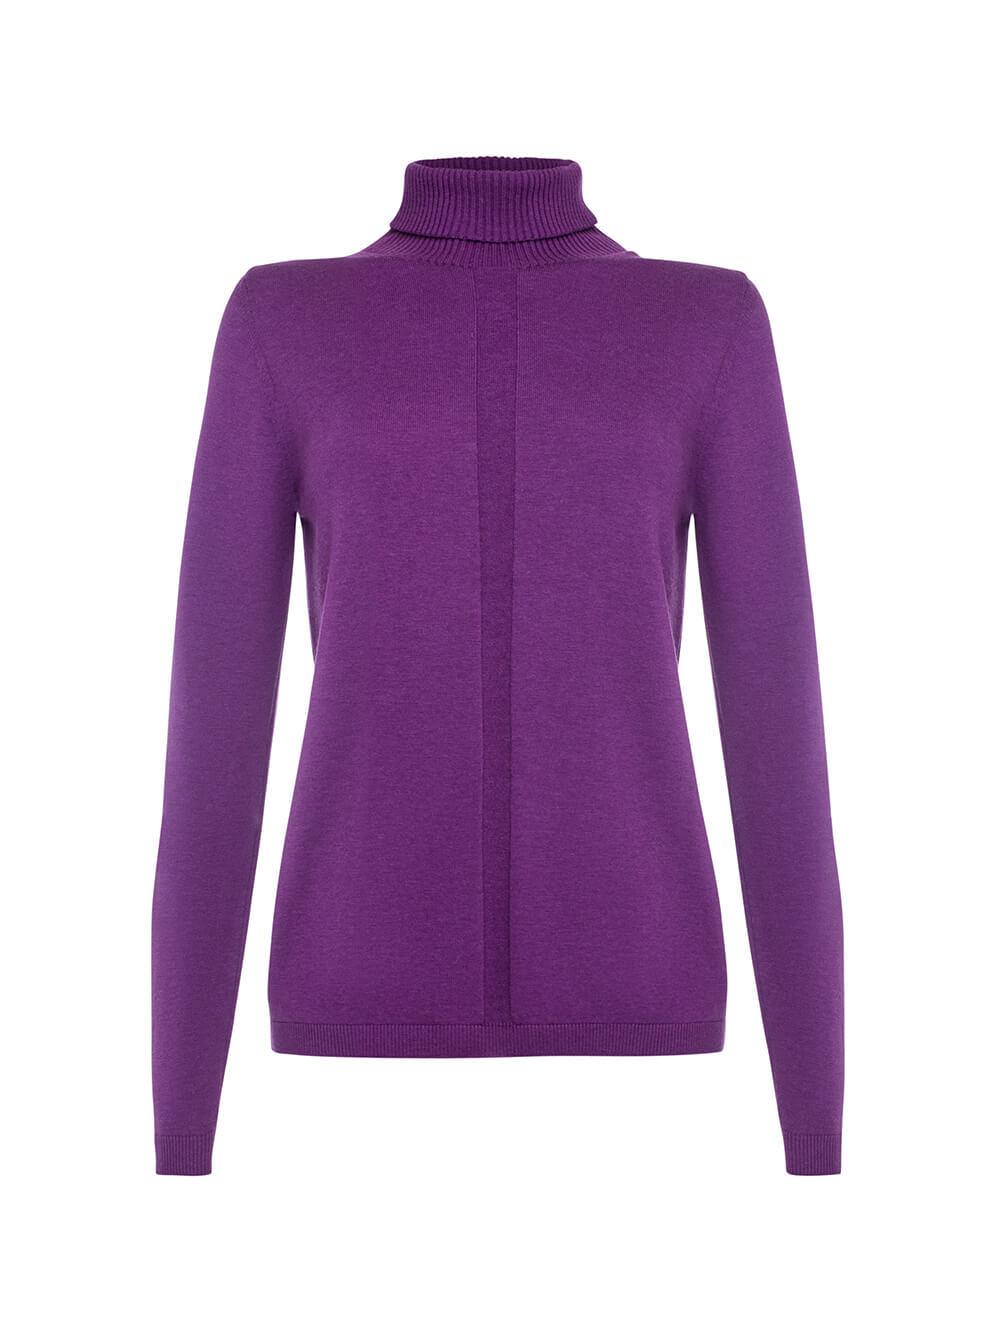 Женский джемпер лилового цвета из шерсти и шелка - фото 1